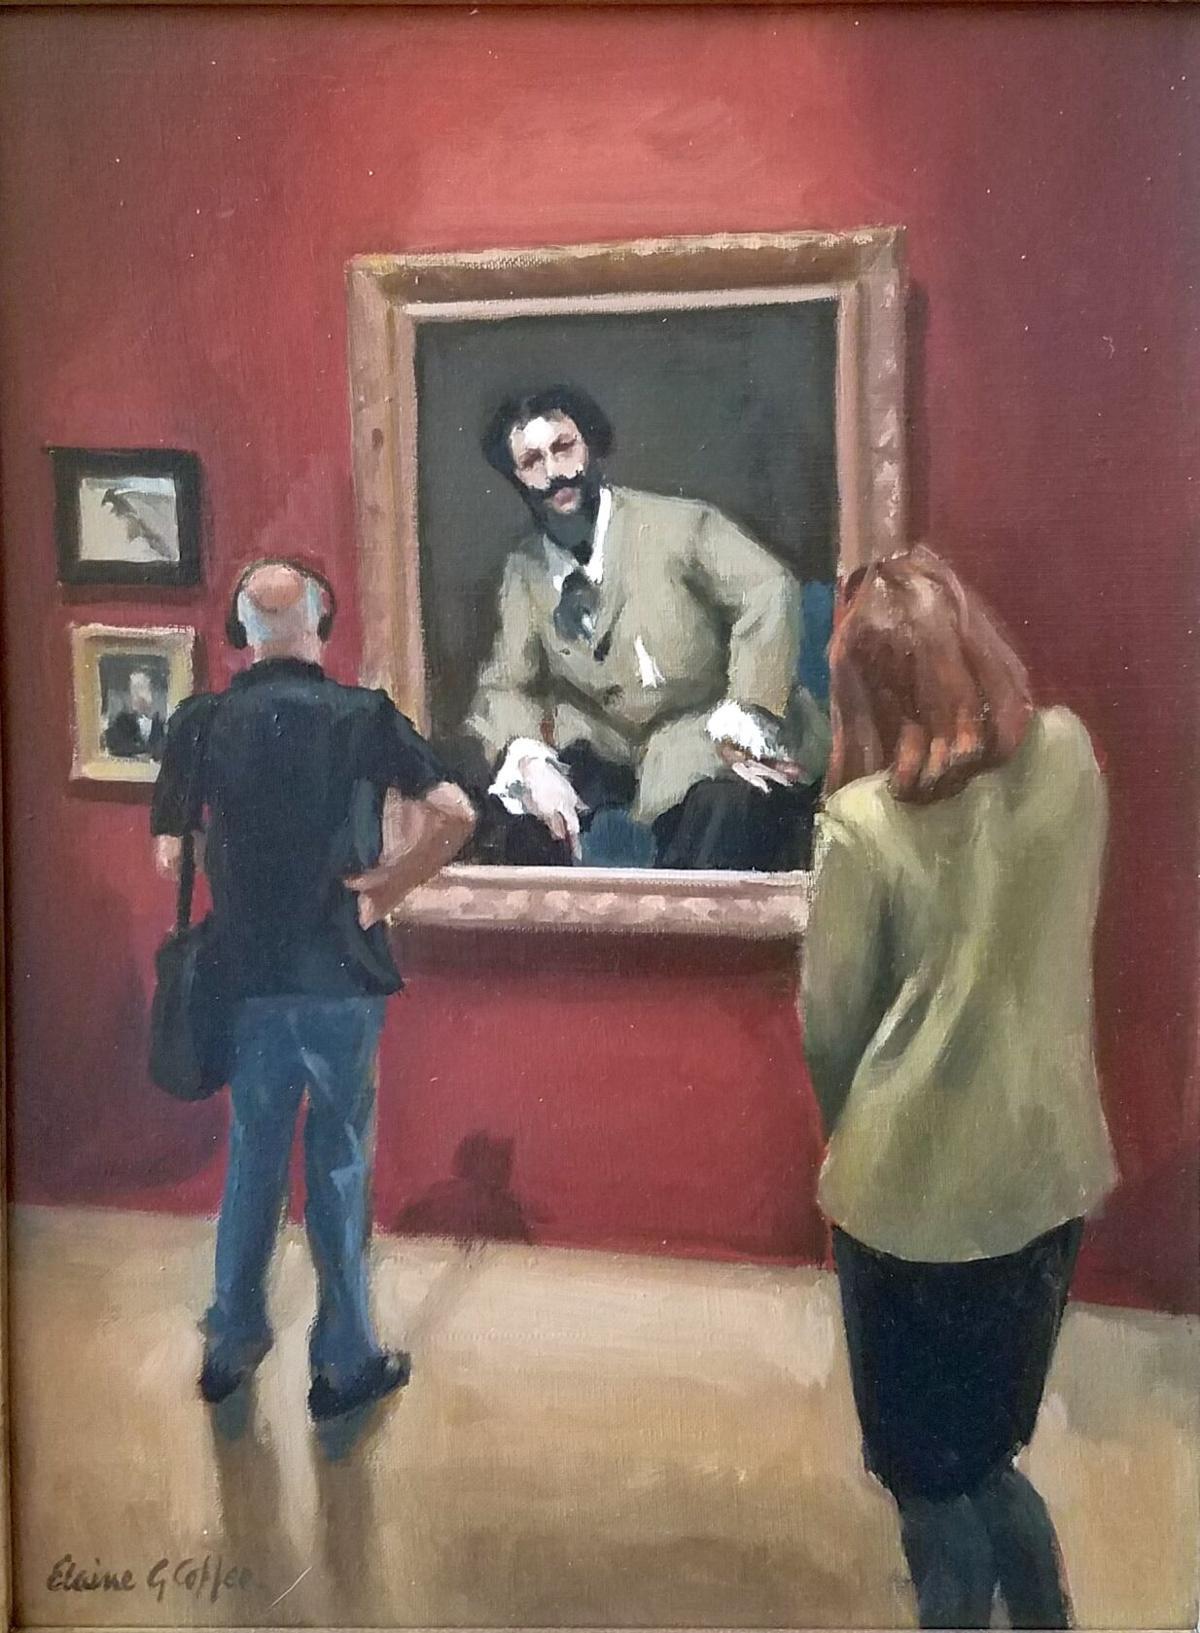 ArtExpo_Oil Painting by Elaine Coffee.jpg